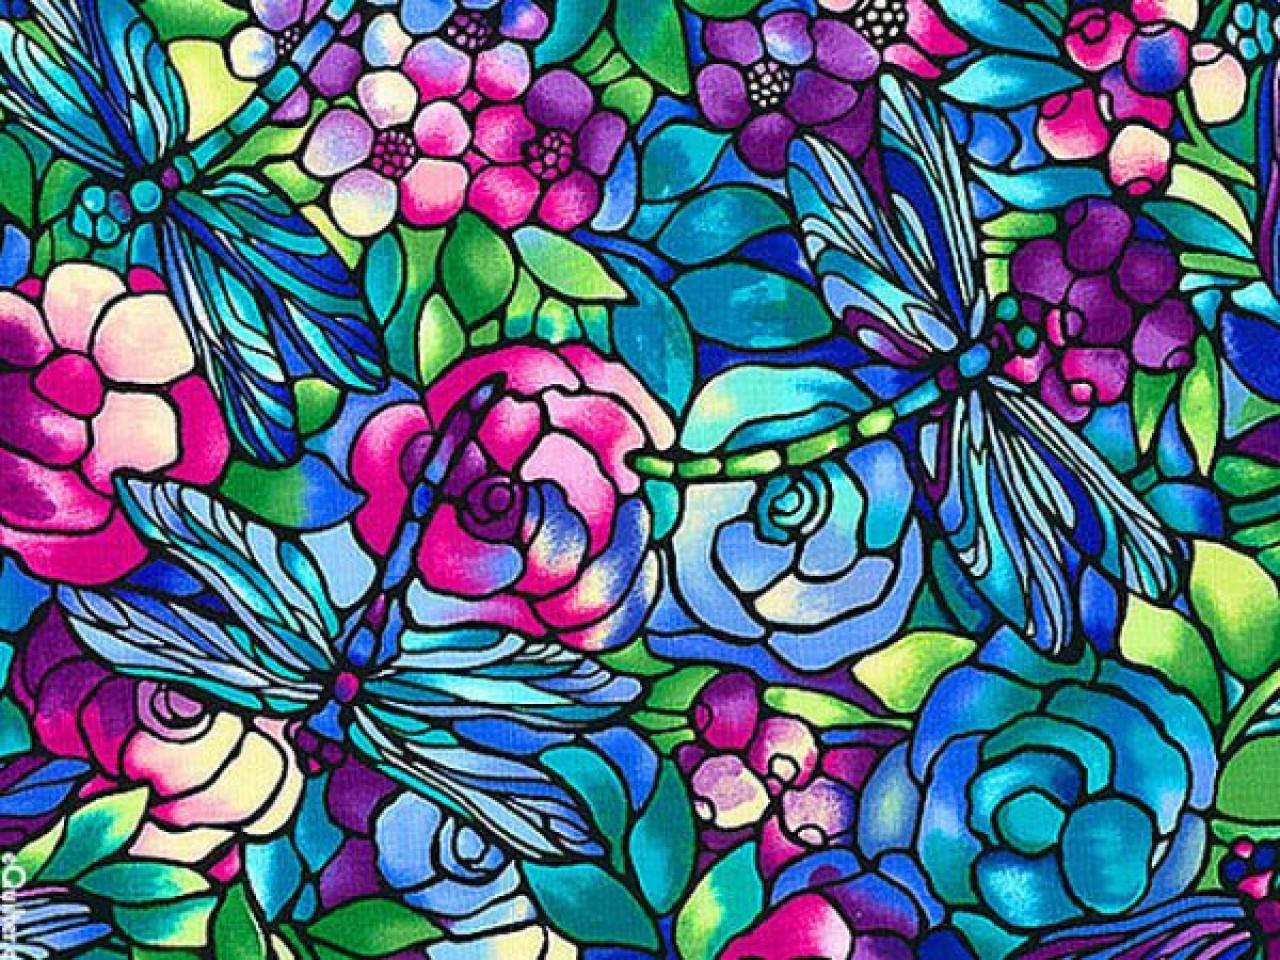 Схемы рисунков витражными красками